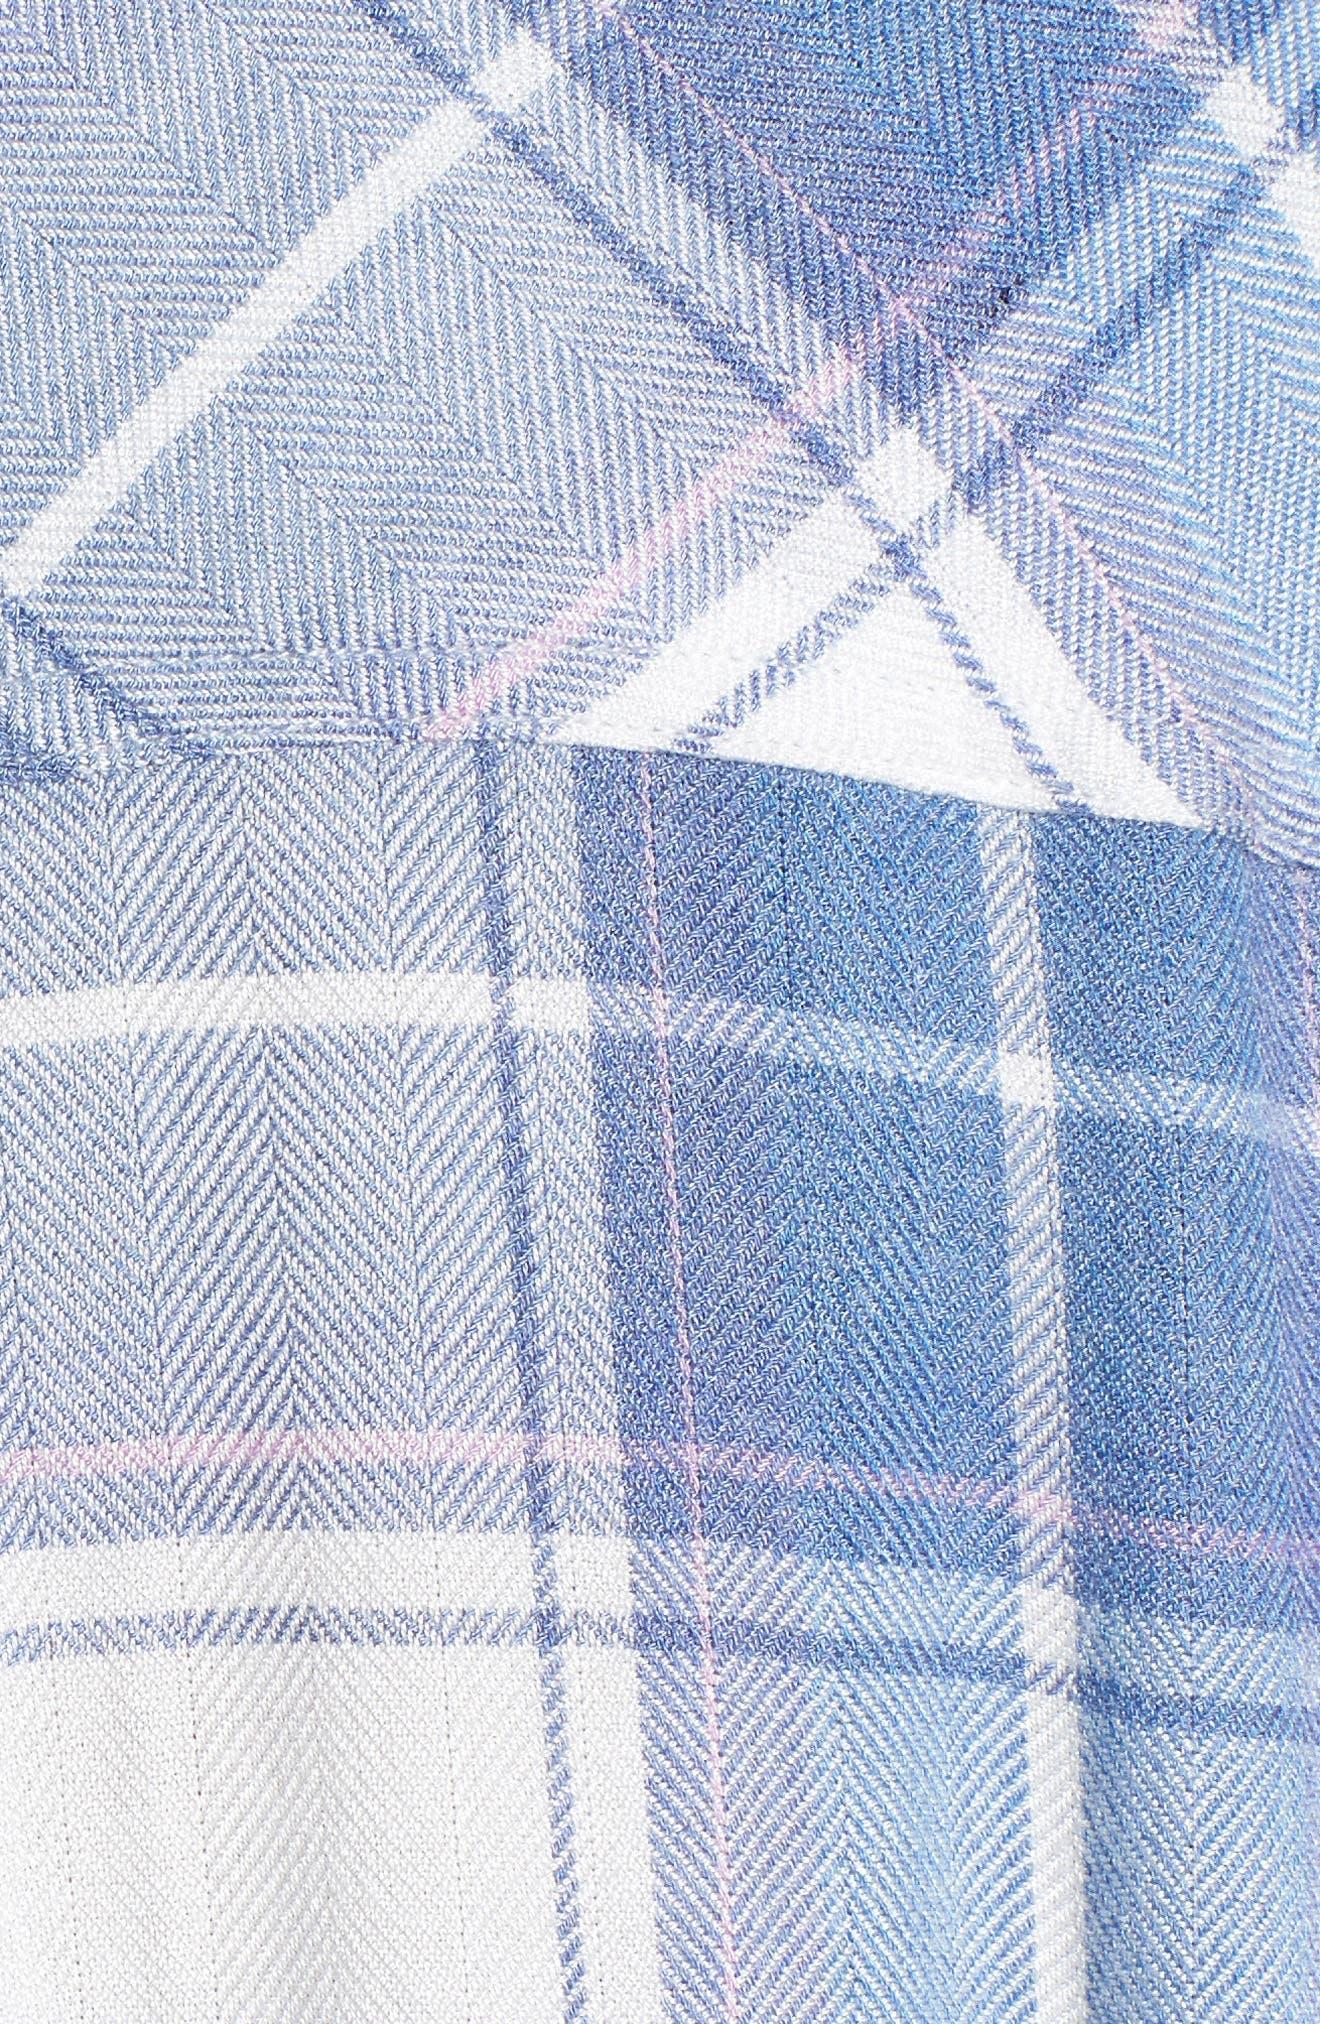 Hunter Plaid Shirt,                             Alternate thumbnail 579, color,